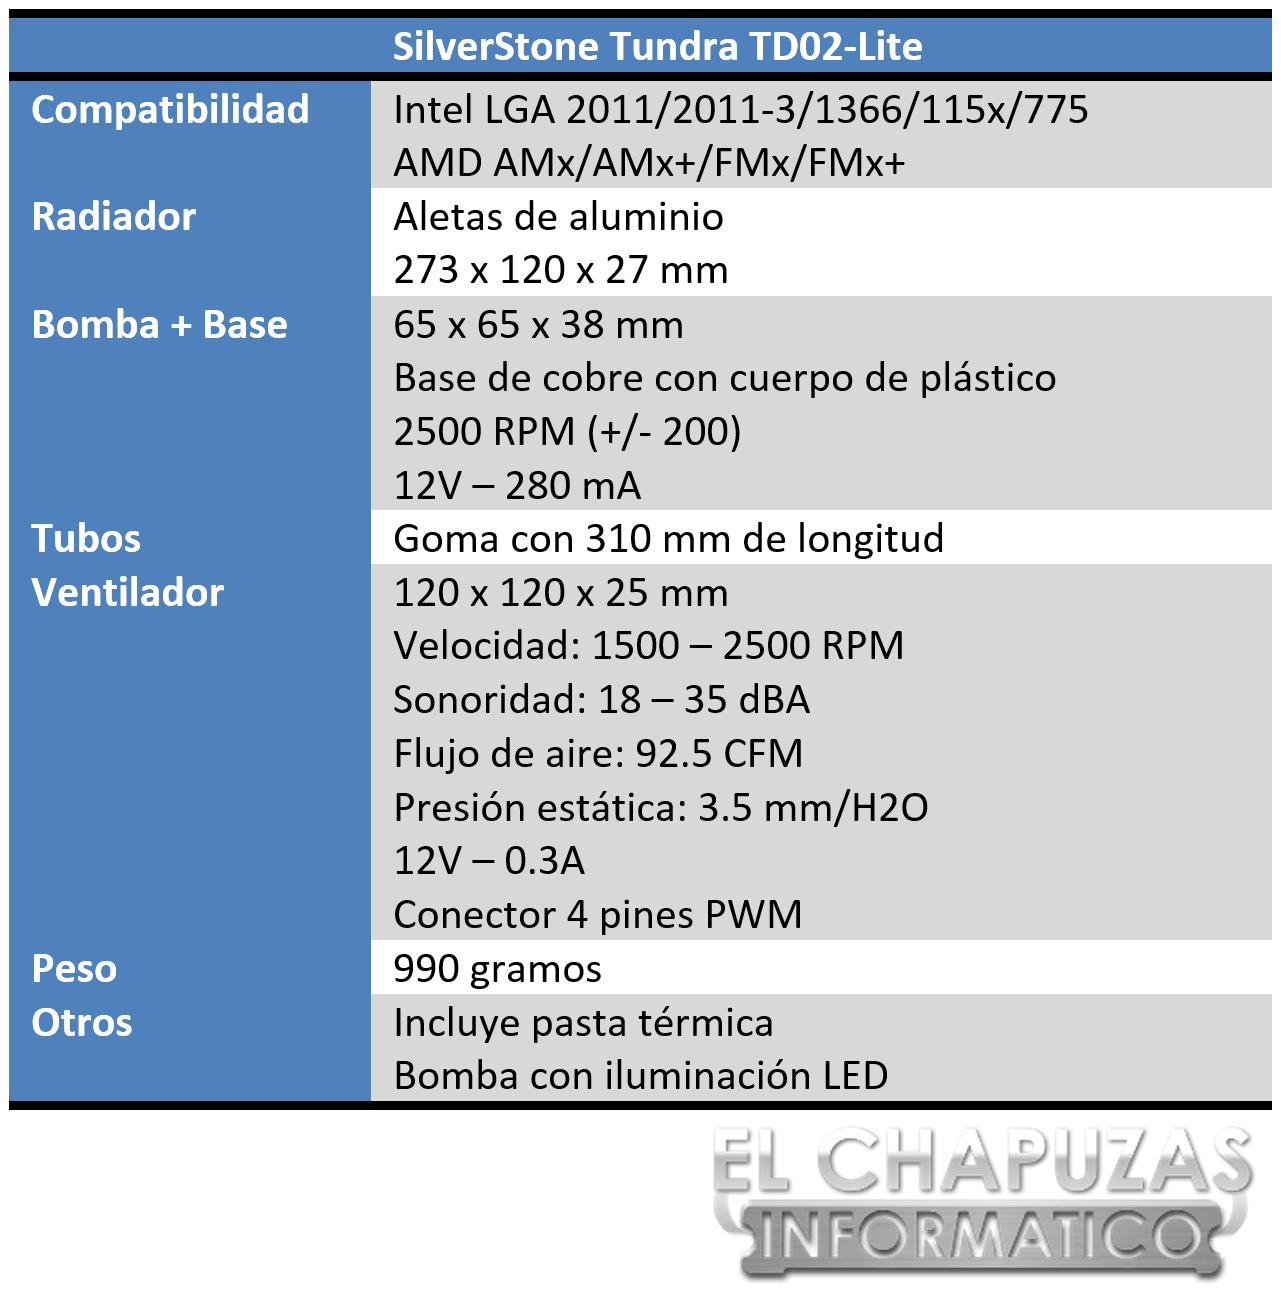 SilverStone Tundra TD02-Lite Especificaciones